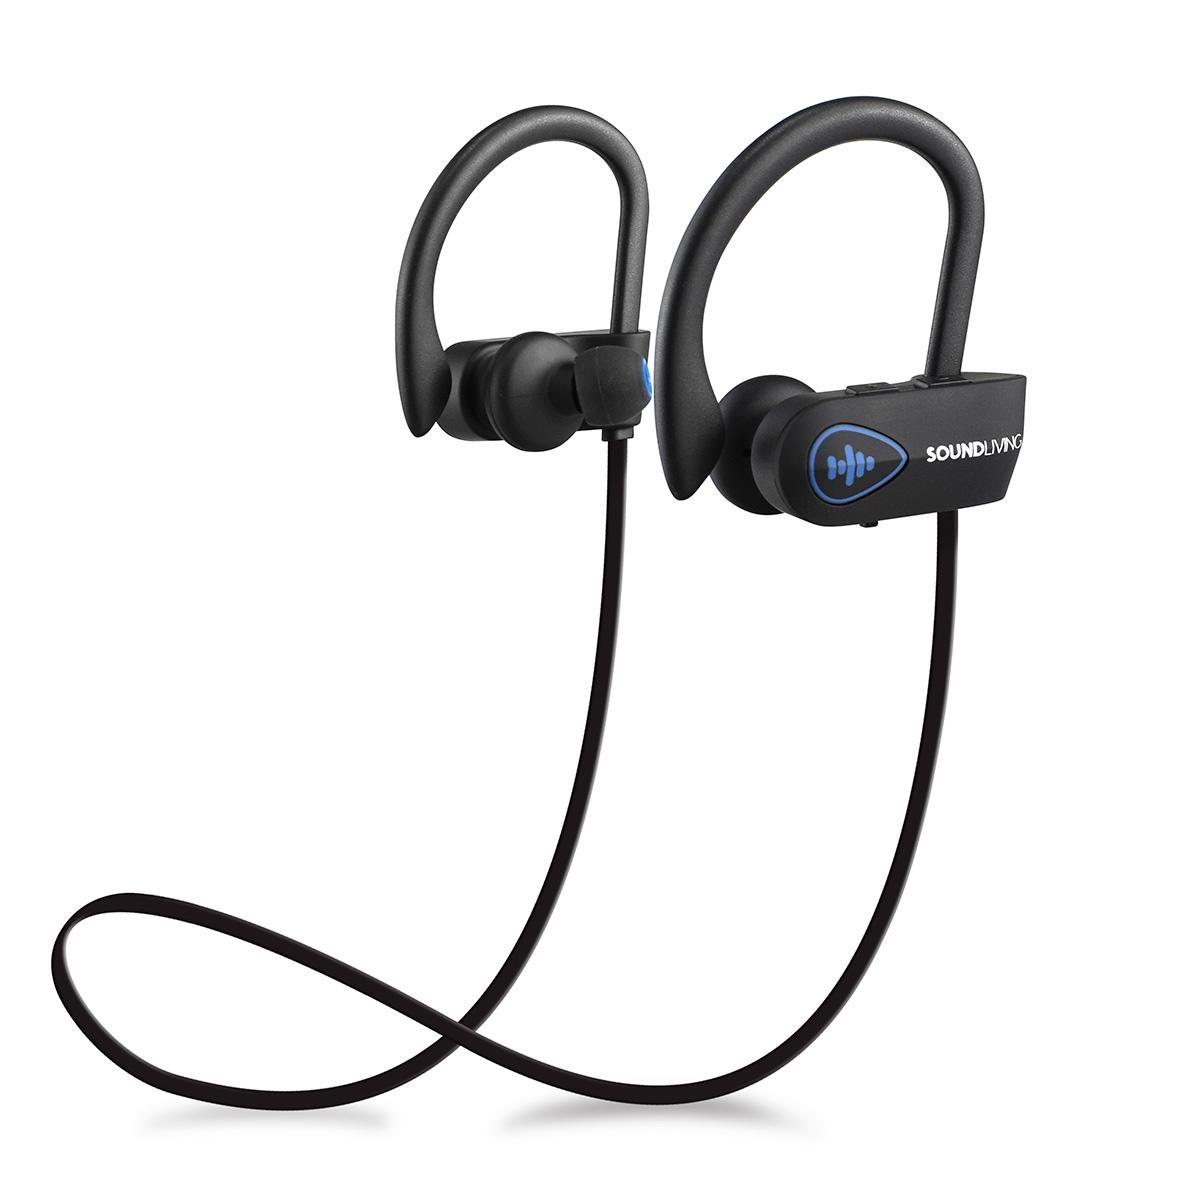 Soundliving høretelefoner - Active - Sort